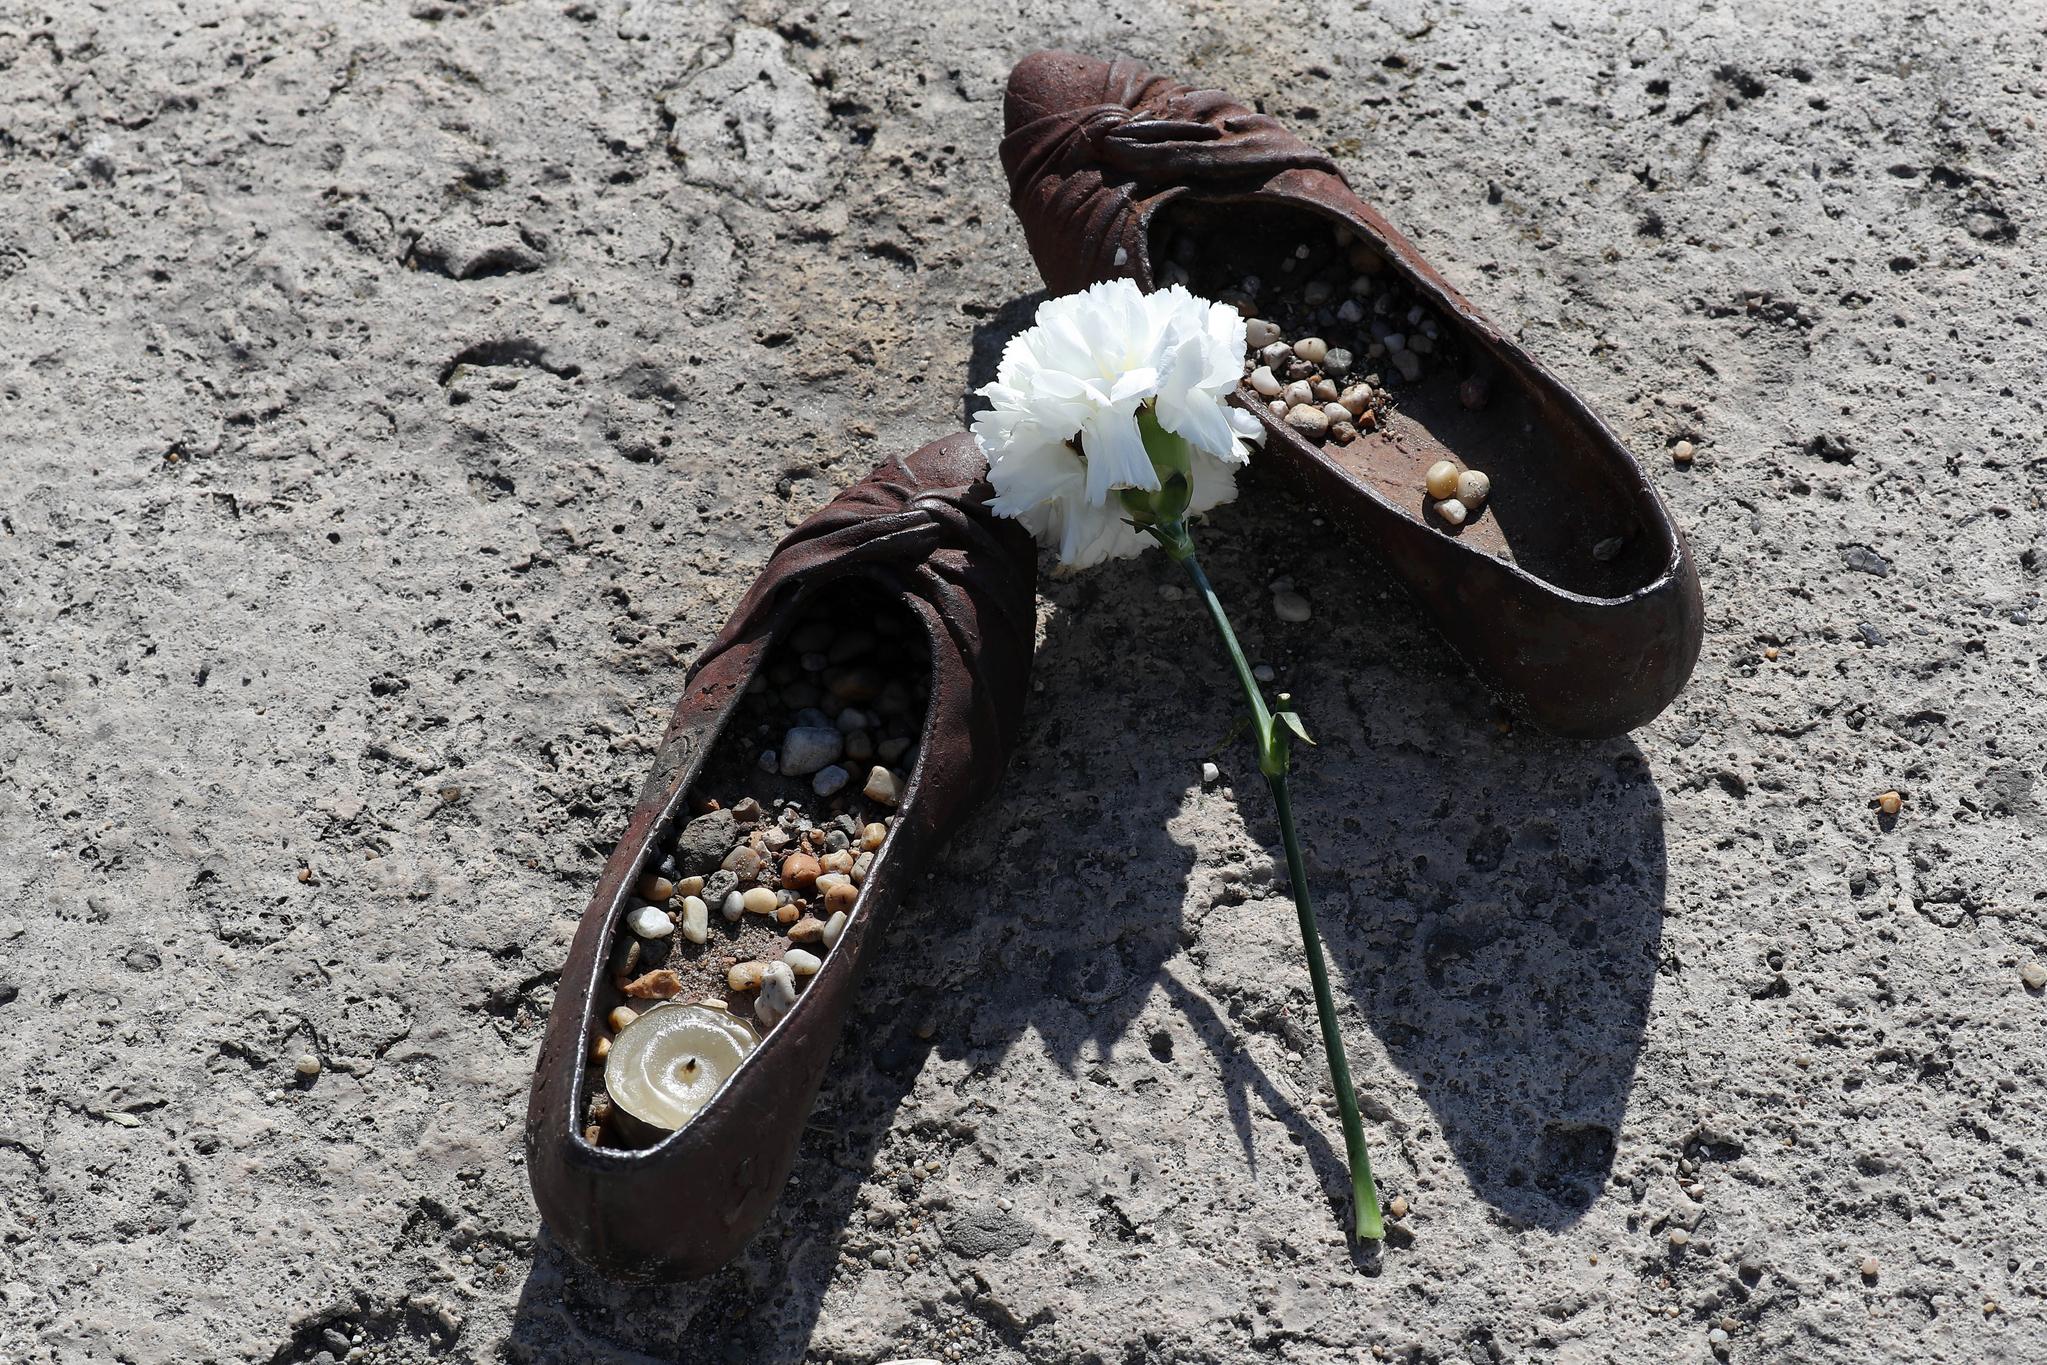 4일(현지시간) 헝가리 부다페스트 다뉴브강 머르기르트 다리와 세체니 다리 사이에 설치된 '다뉴브 강가의 신발들'에 누군가가 준비한 꽃이 놓여져 있다. 이곳은 2차 세계대전 당시 나치가 유대인들에게 신발을 벗게 한 뒤 총살한 곳으로, 2005년 이들을 추모하기 위한 60켤레의 신발 조형물 '다뉴브 강가의 신발들'이 세워졌다. [연합뉴스]